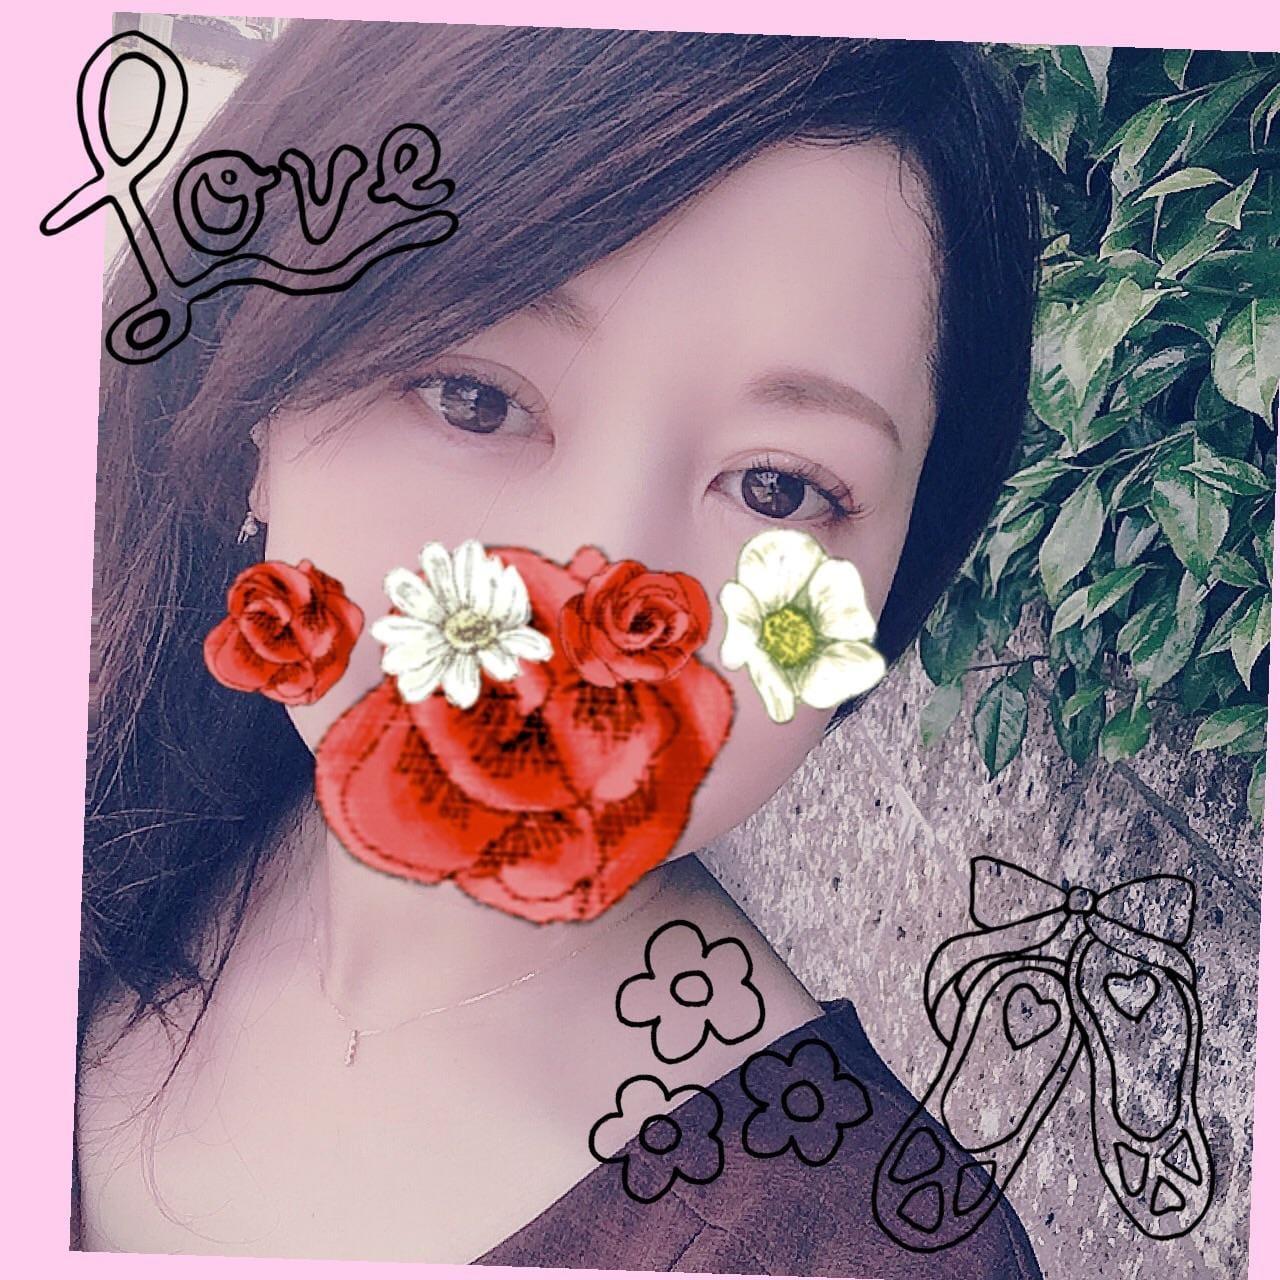 「おはようございます♪」05/26(05/26) 11:15   優木の写メ・風俗動画